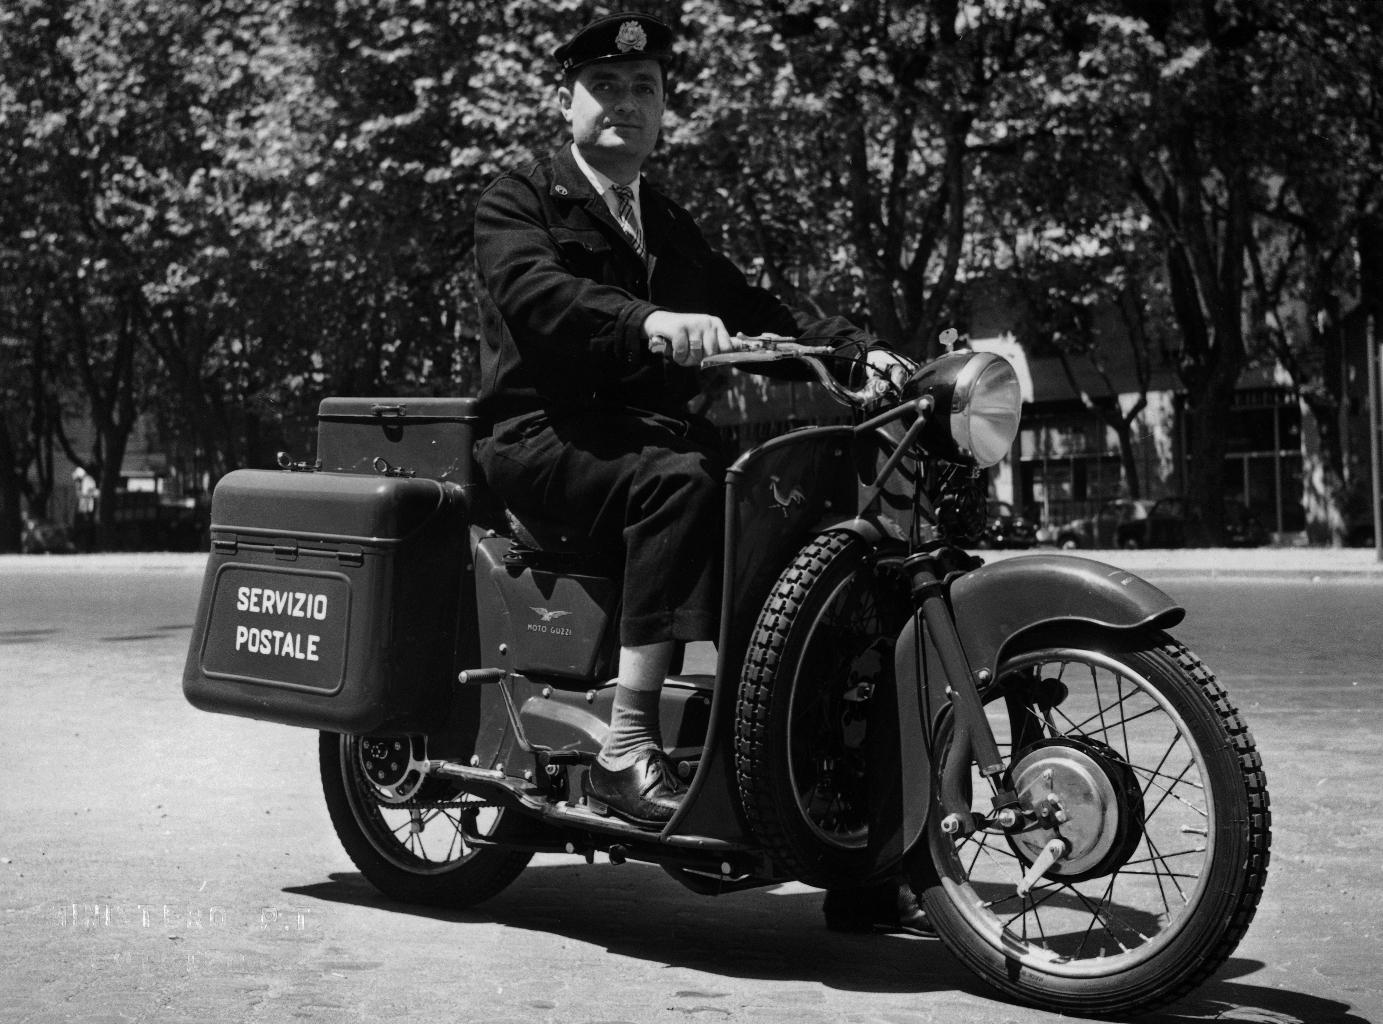 Campagna fotografica dedicata agli automezzi delle Poste e Telecomunicazioni: postino su moto Guzzi Galletto 192 utilizzata per il servizio di posta celere1962